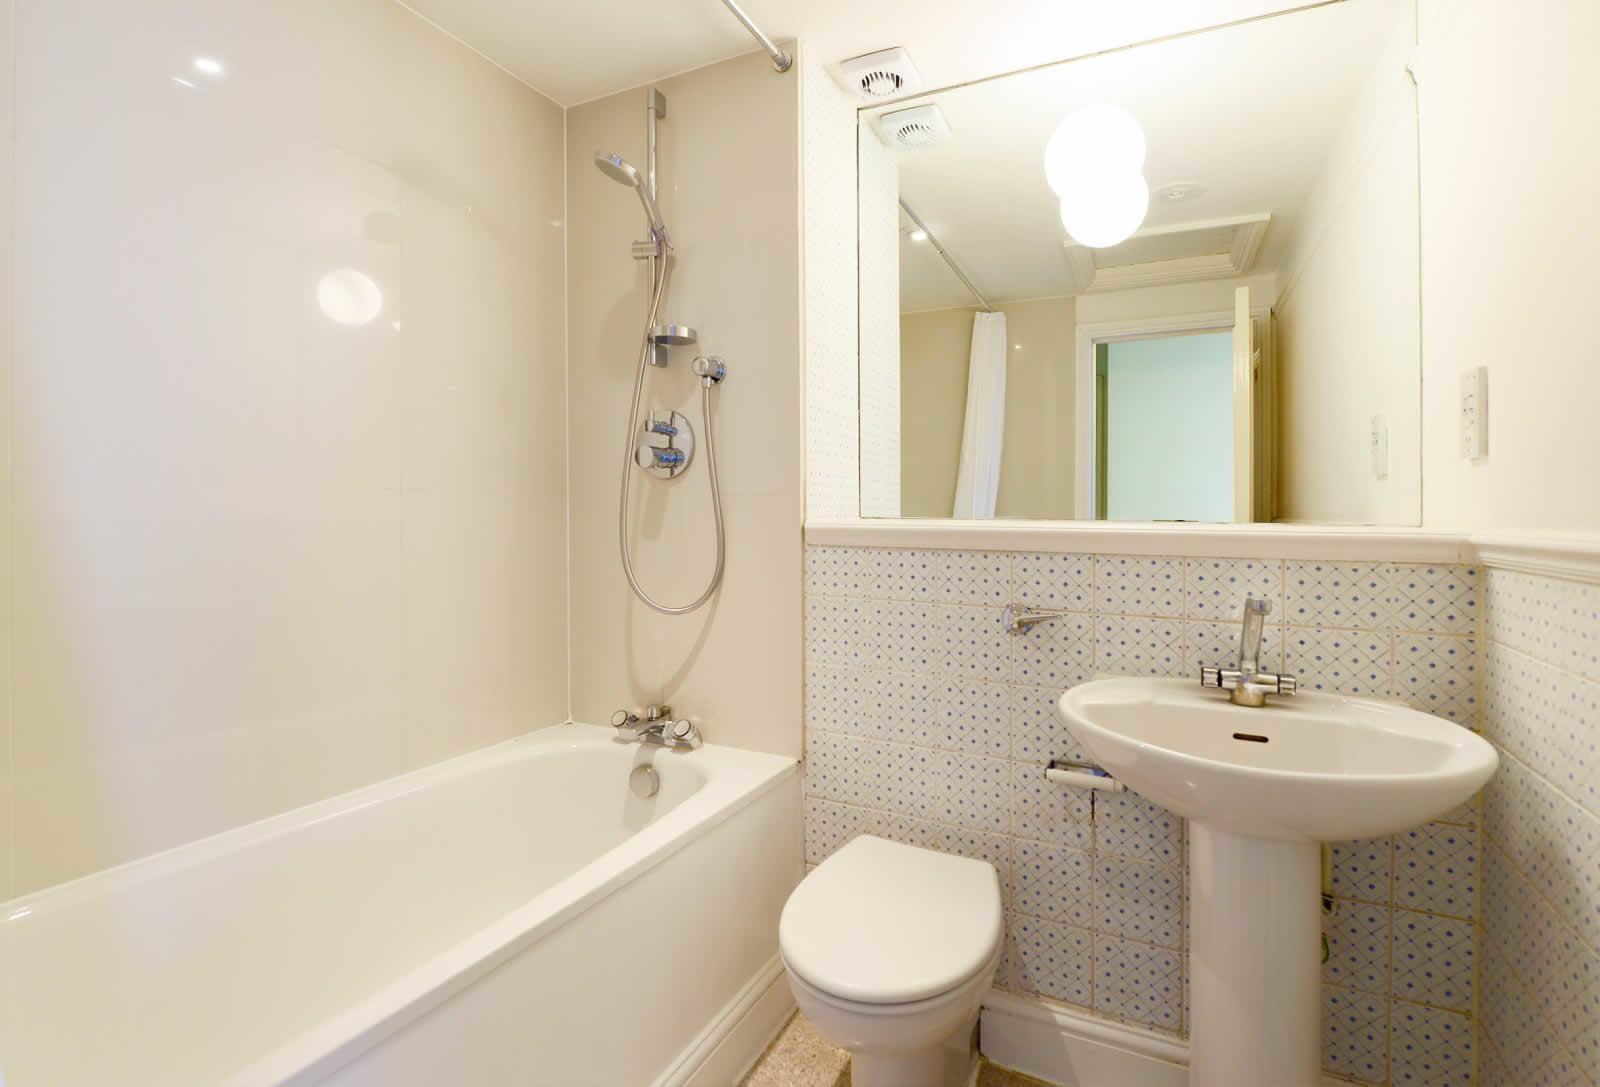 appartement-meuble-a-louer-kensington